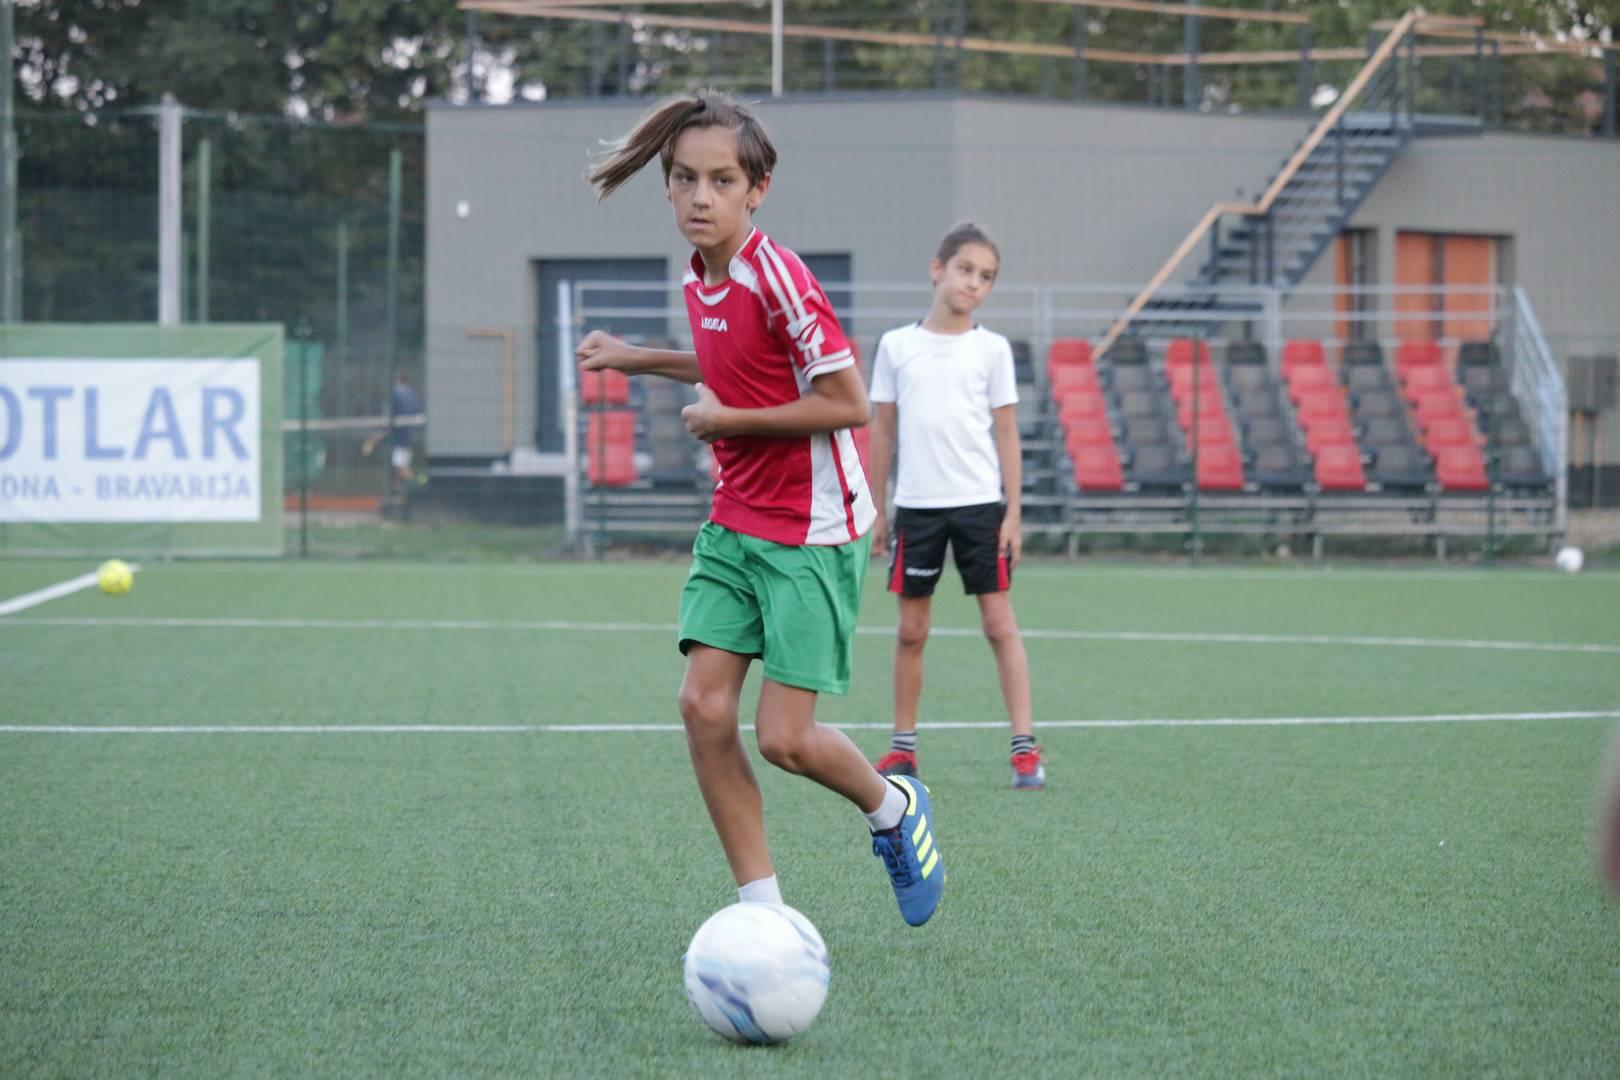 Trener Vedriš kroz demonstraciju svojim mladim nogometašima pokazao kako što bolje primiti i dodati loptu